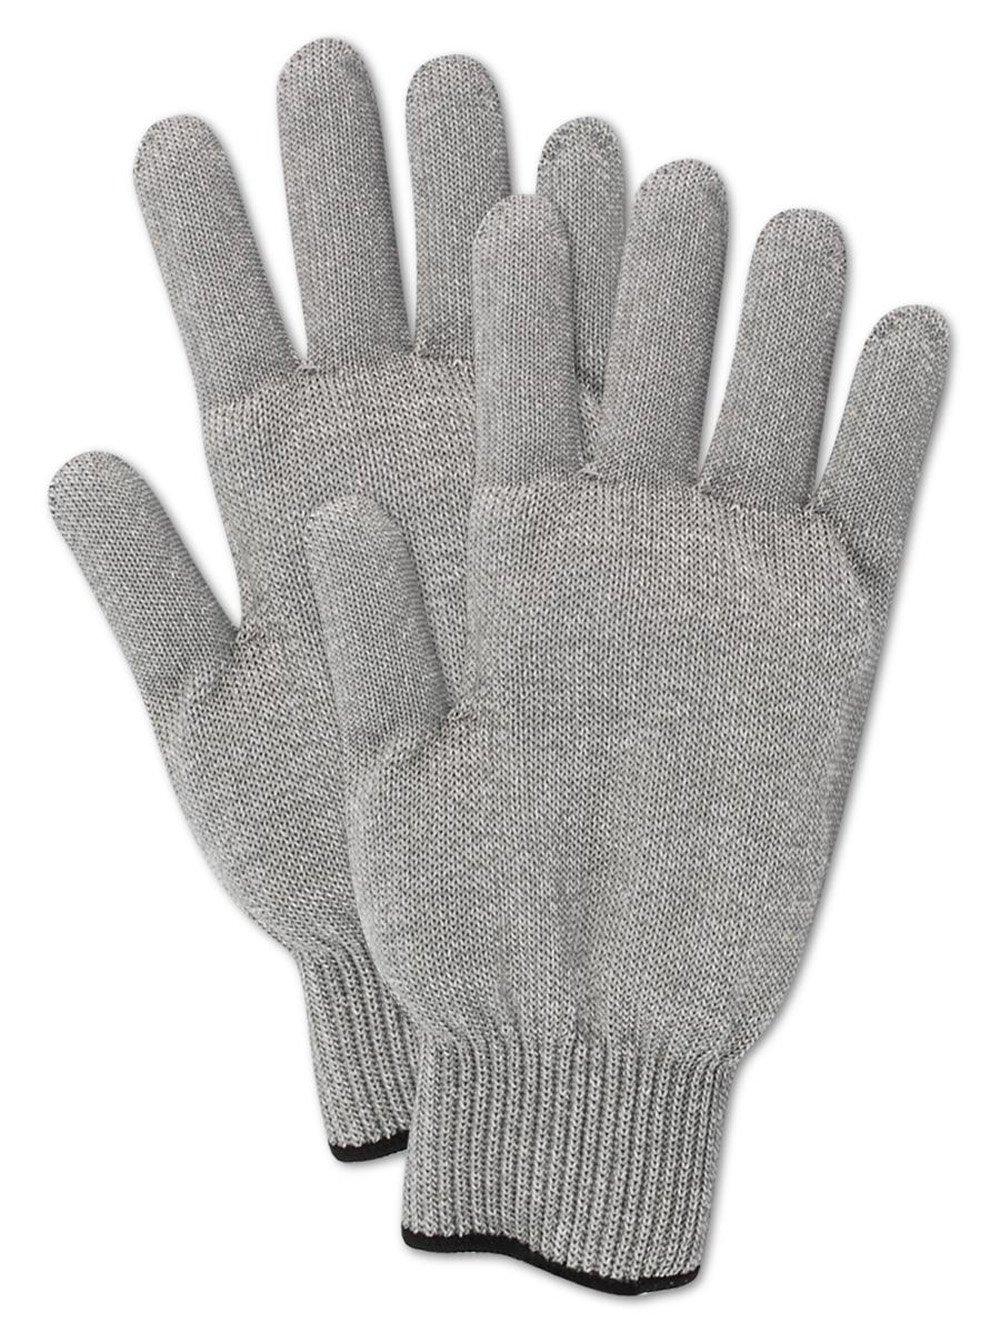 Magid CutMaster SP1036G Spectra Glove Ambidextrous 1 Glove Spectra//Fiberglass Blend Medium Weight Reversible ANSI Cut Level 7 Gray Size 9